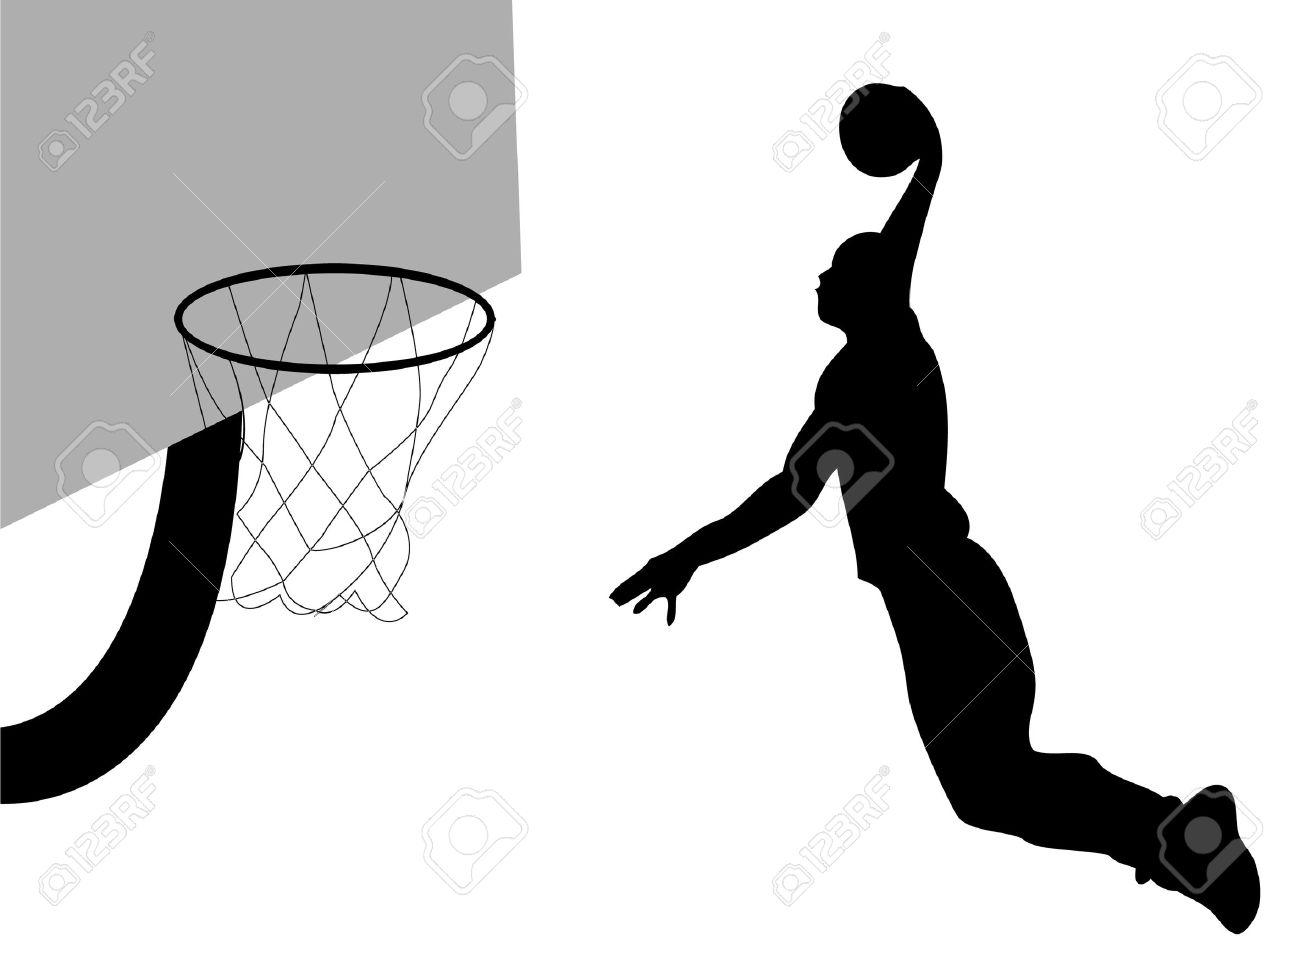 1300x975 Basketball Player Dunking Clipart 101 Clip Art